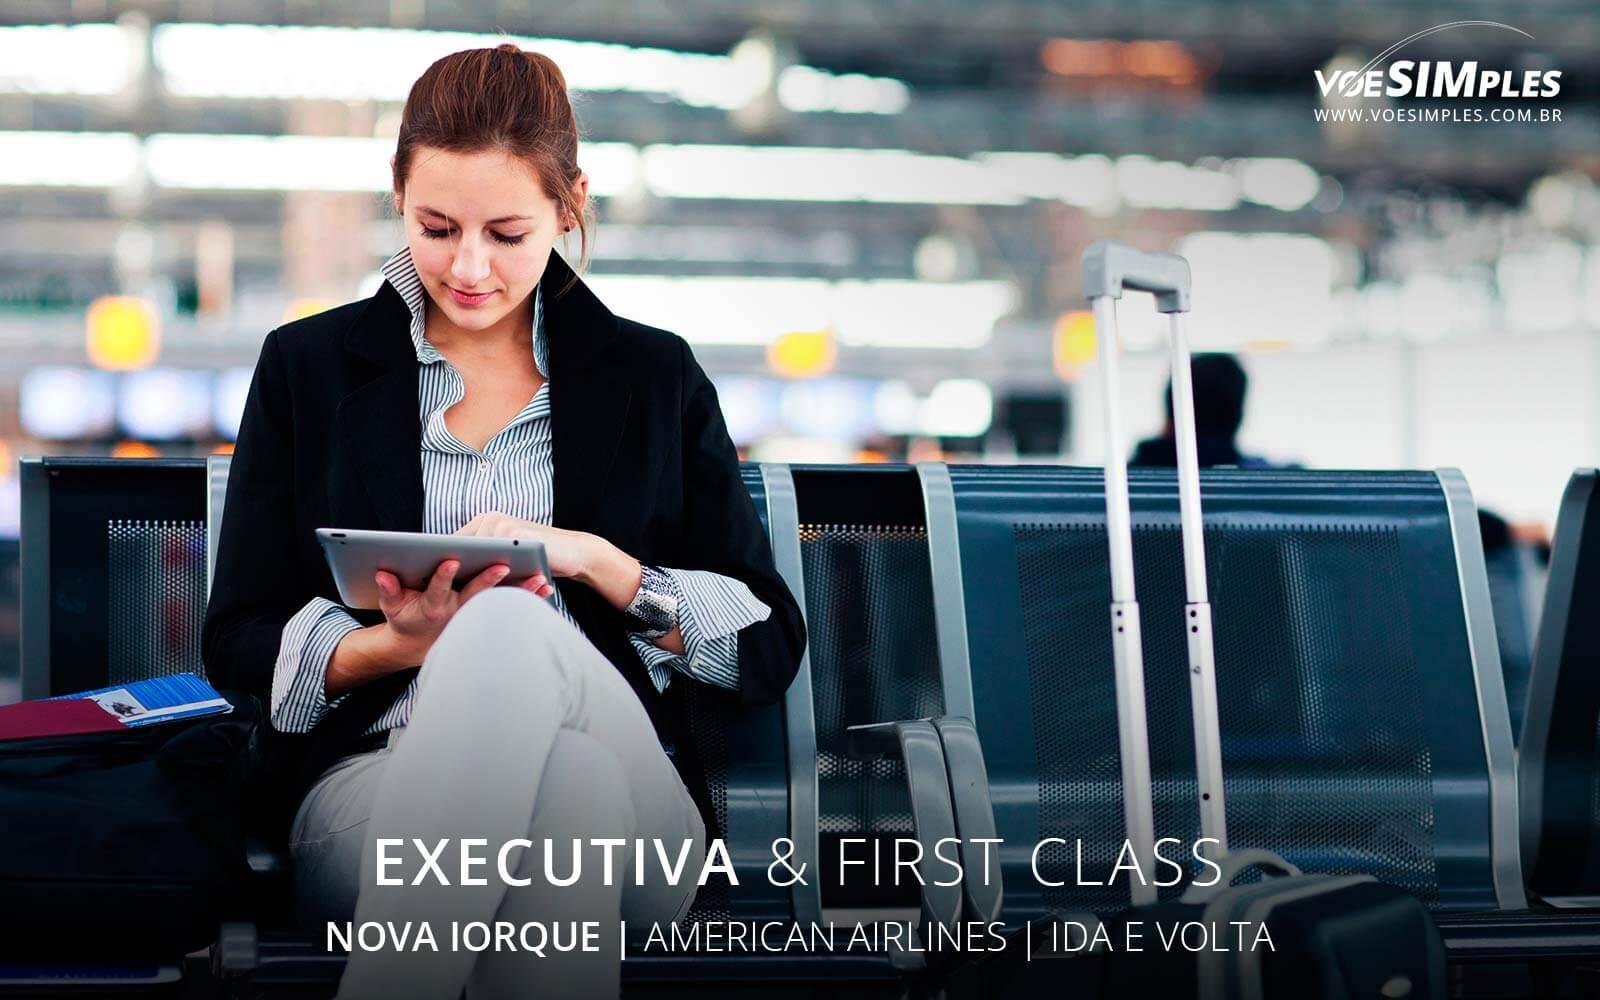 passagem-aerea-promocional-executiva-nova-iorque-eua-america-norte-voe-simples-promocao-passagens-aereas-executivas-eua-passagem-aerea-promo-executiva-nova-iorque@2x